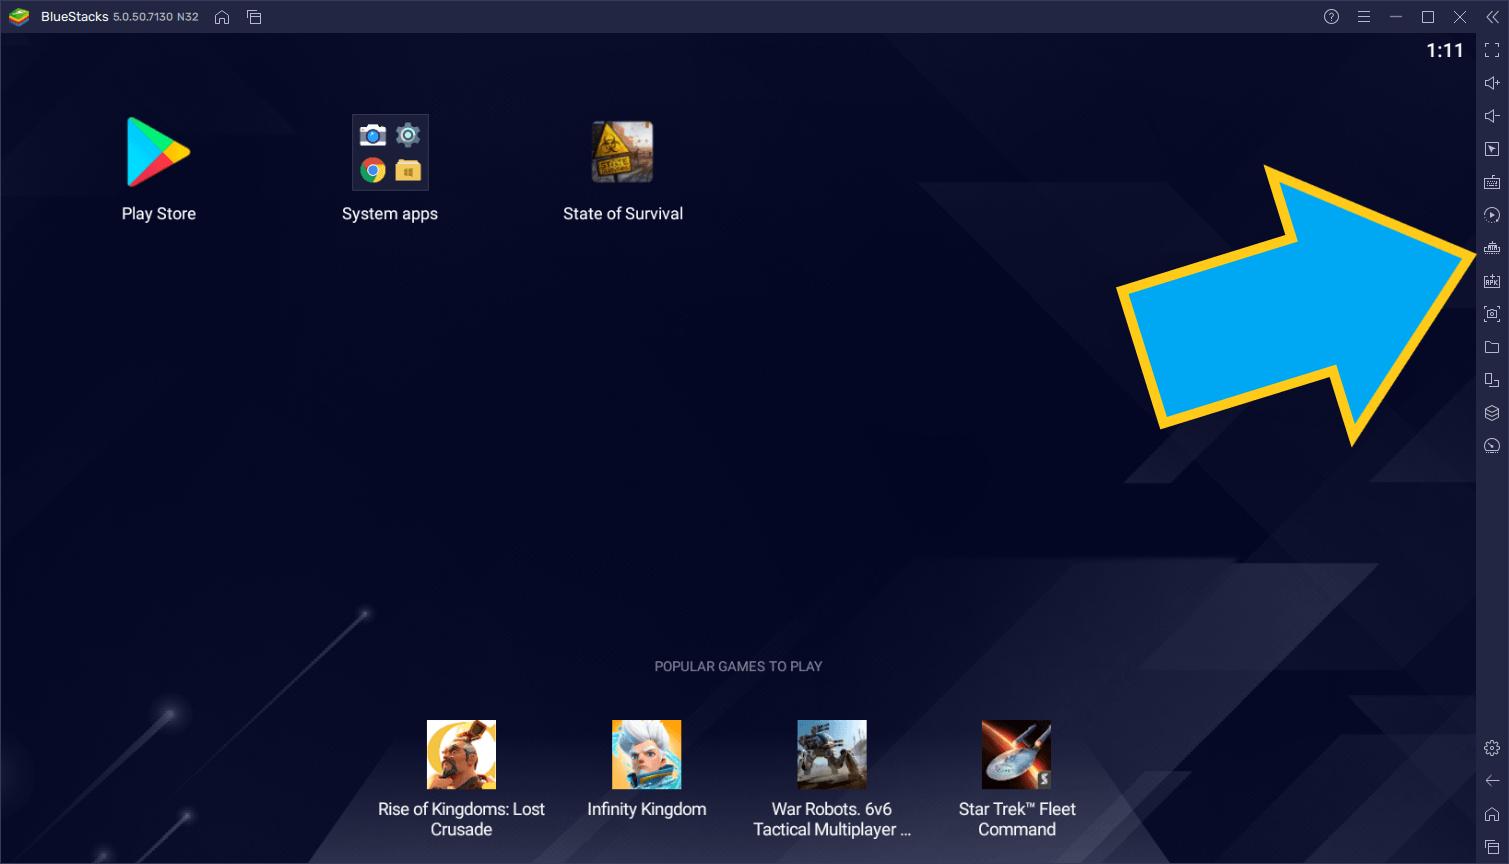 블루스택5 메모리 정리 기능은 최저 RAM 사용으로 버벅이지 않는 게임플레이를 보장합니다